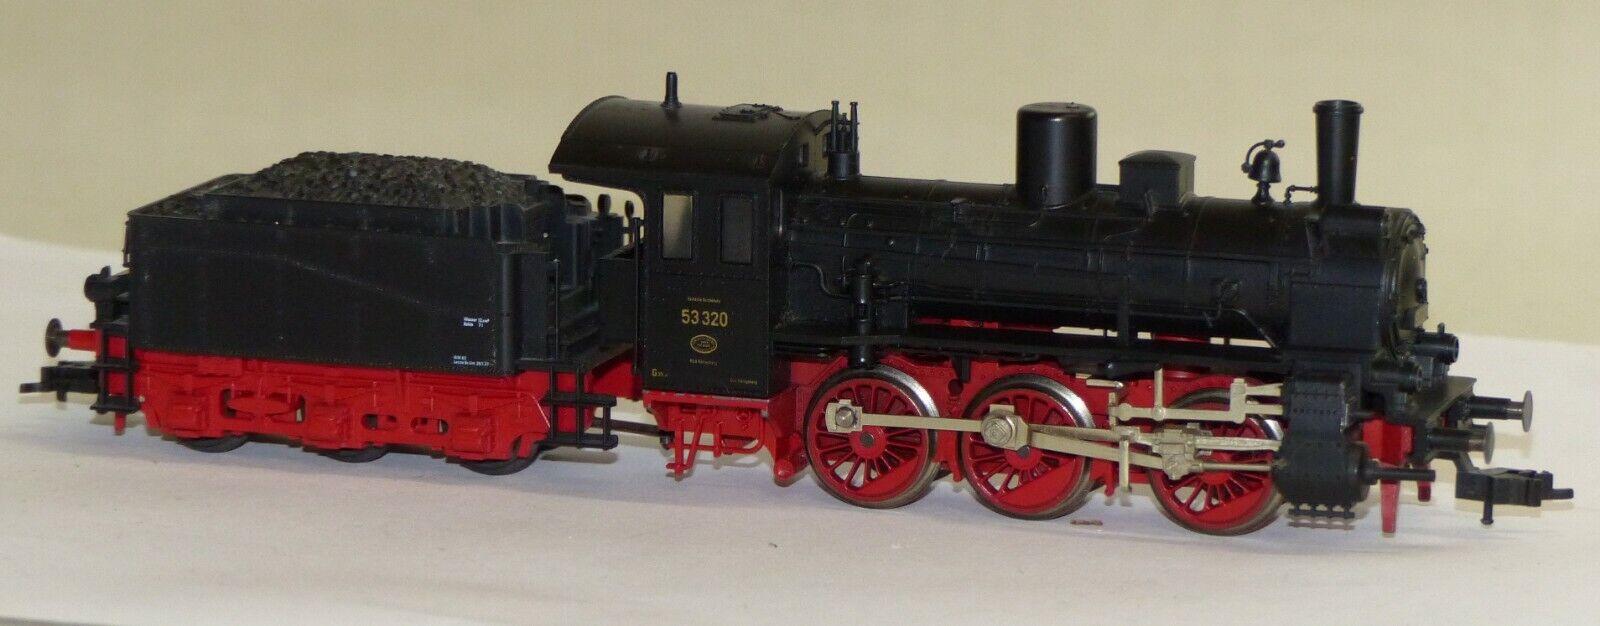 Fleischmann Steam Locomotive BR 53 320 DRG Locomotive Steam Locomotive Towing Tank Locomotive